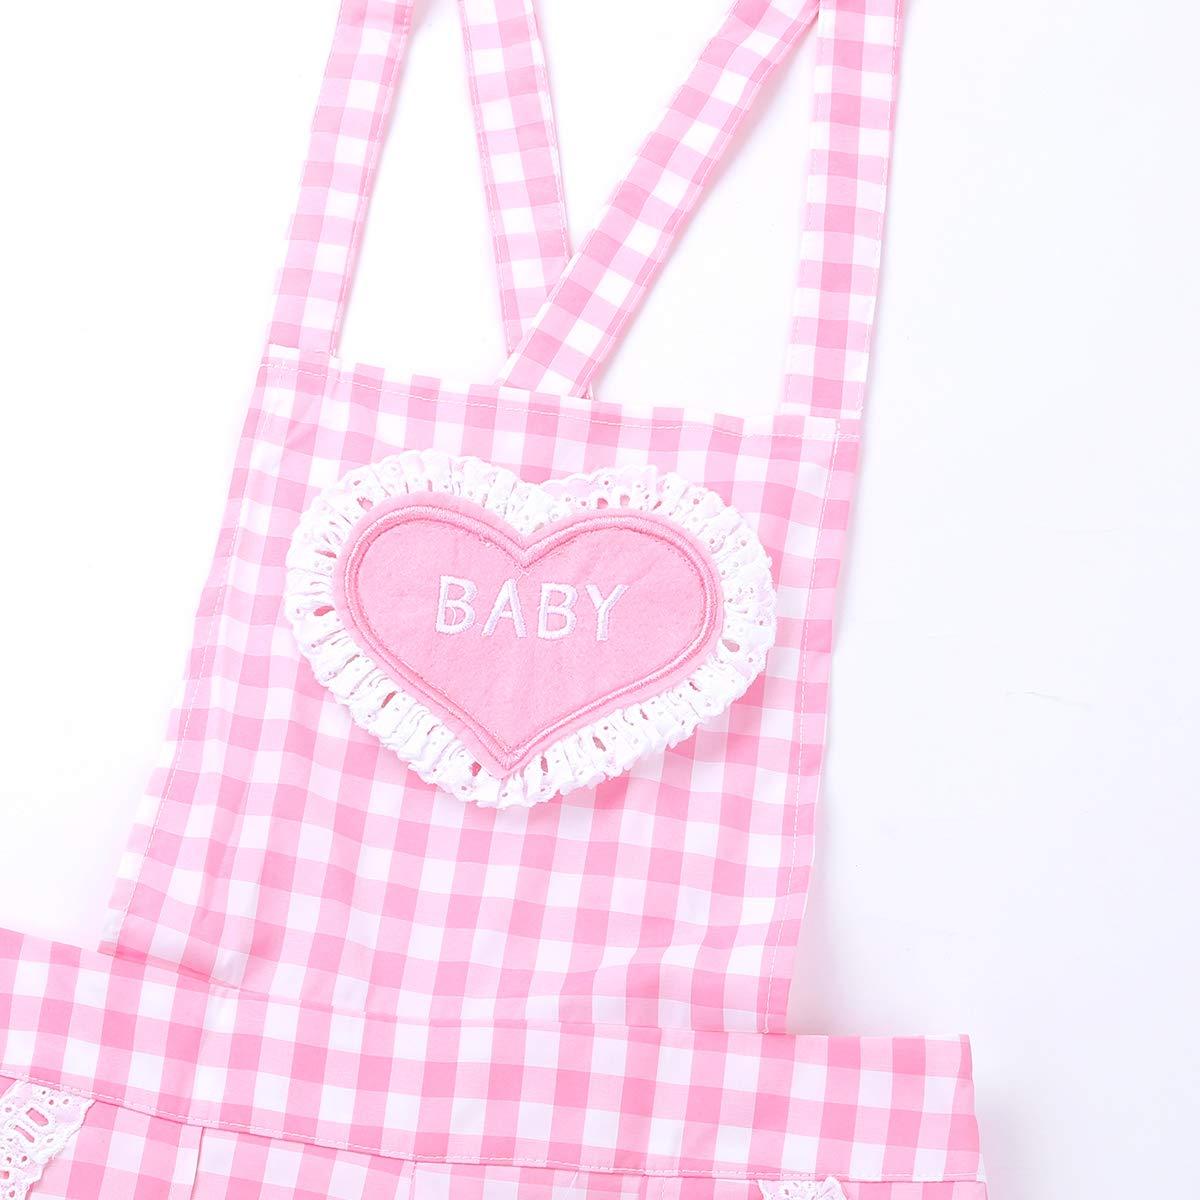 S-XL CHICTRY M/ädchen Damen Latzhose Tr/äger Hose Overalls Latzshorts Kariertes Jumpsuit mit Baby Stickerei Rosa Gr